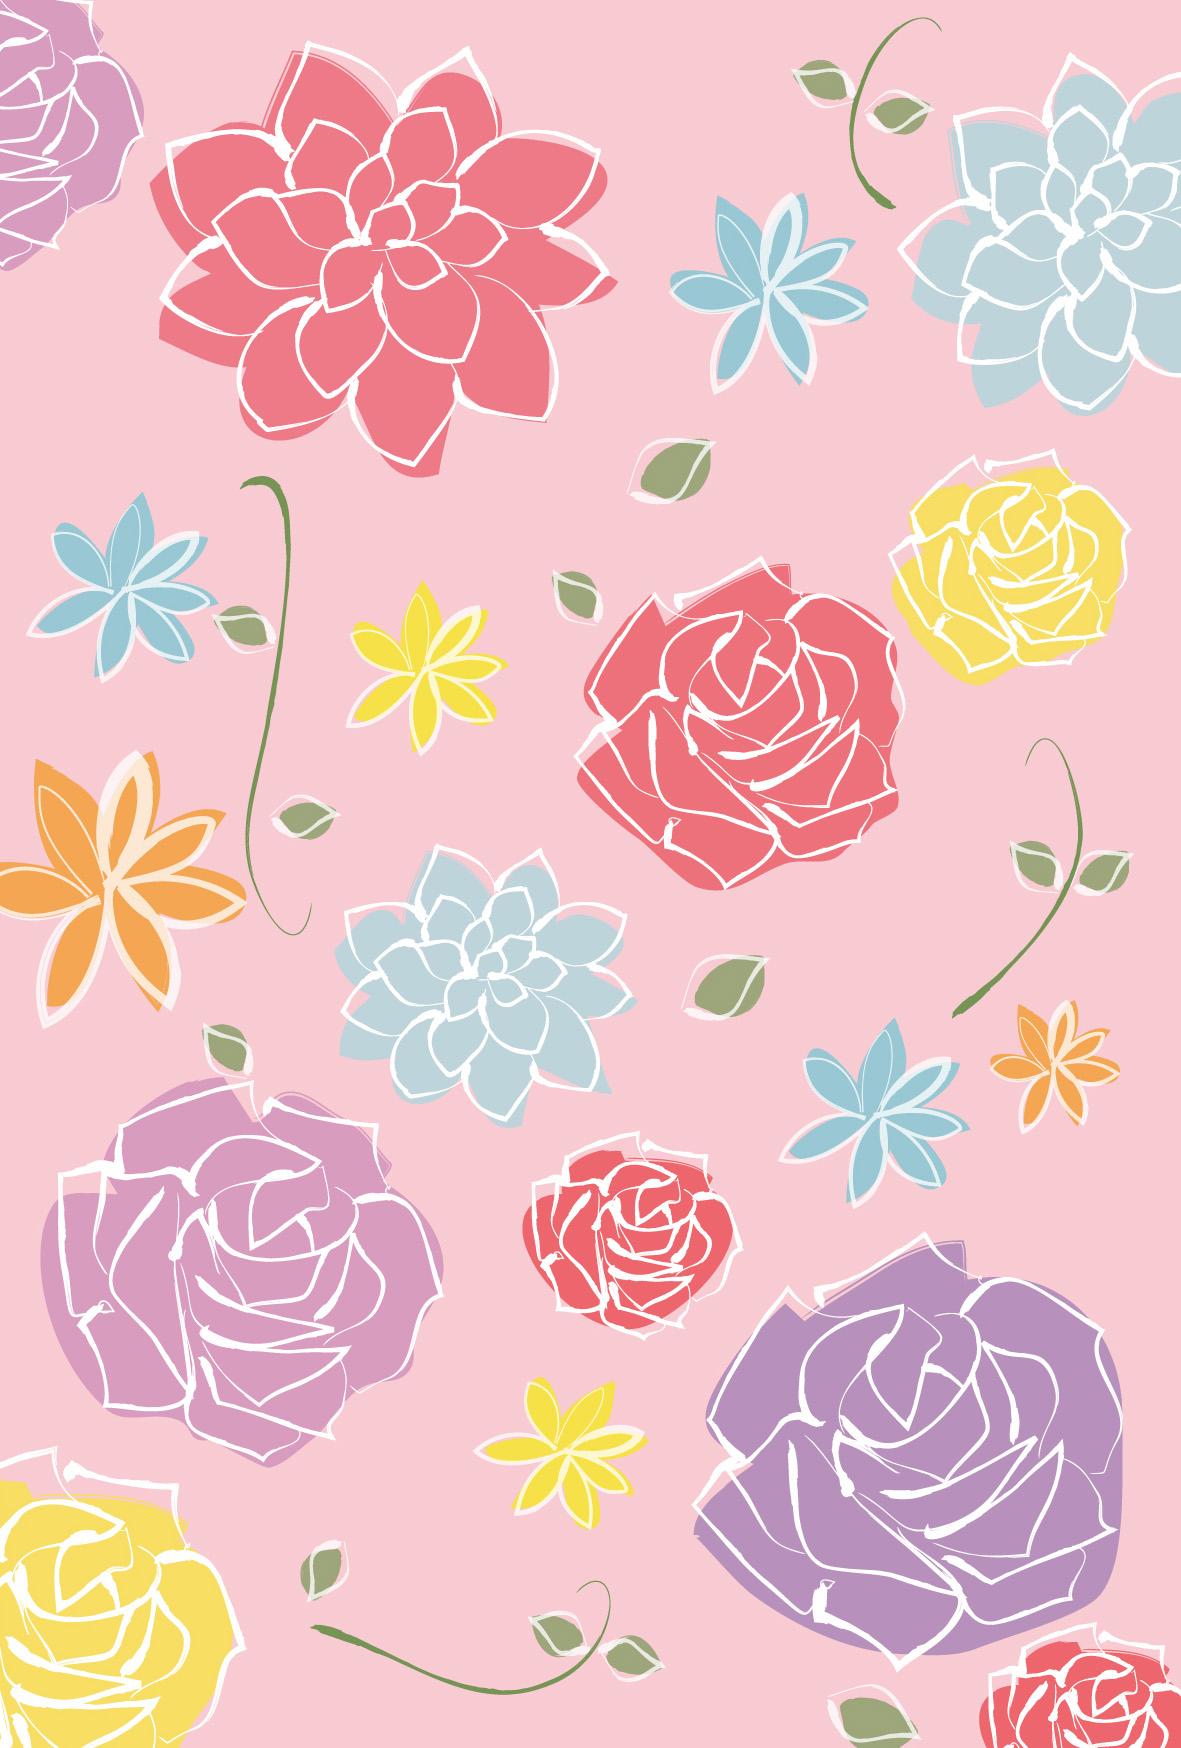 ウェディング・花模様2」ダウンロード|かわいい無料イラスト